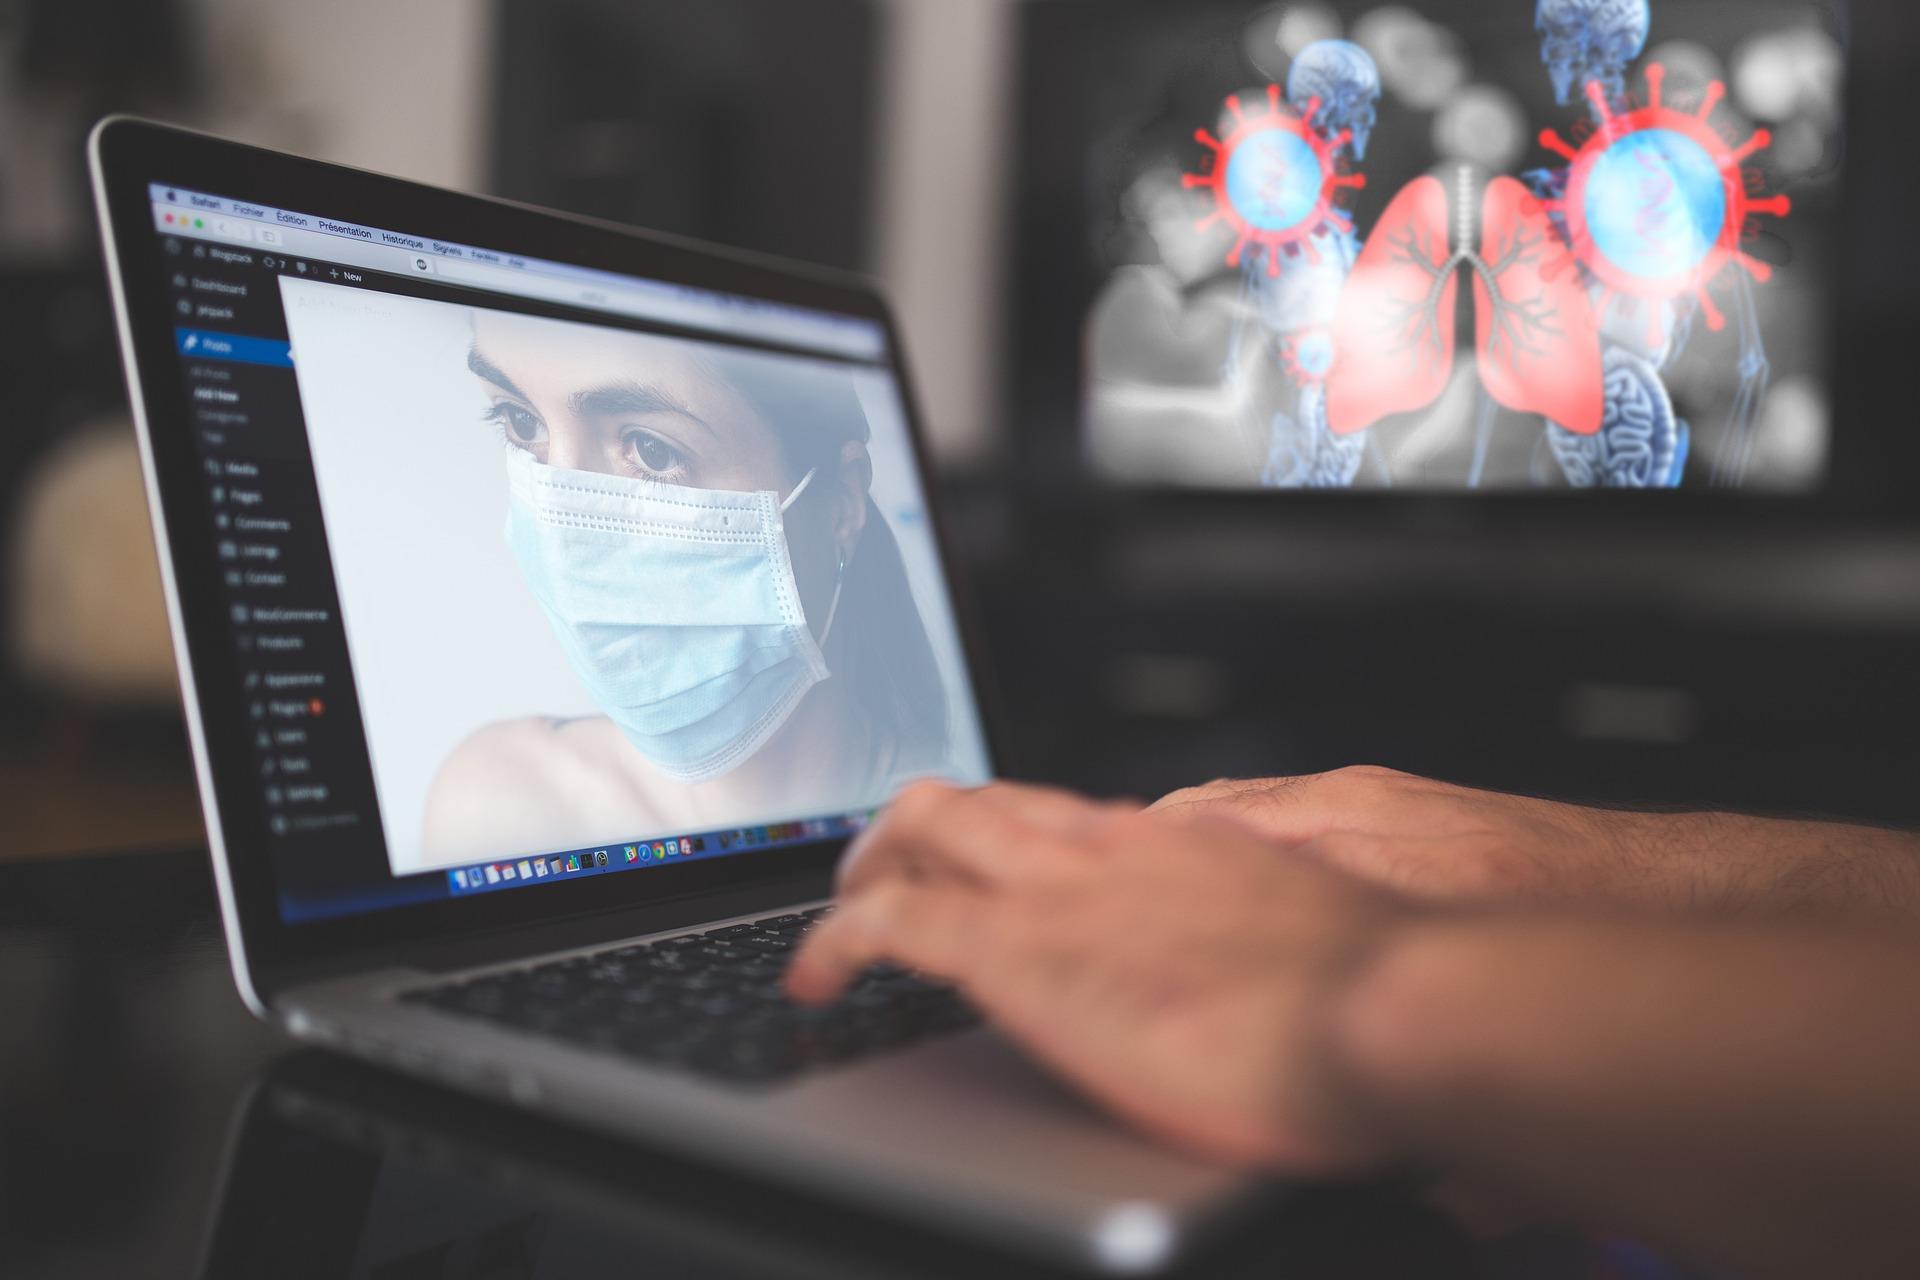 Digital Marketing: What's Working During COVID-19 (Coronavirus) Lockdown